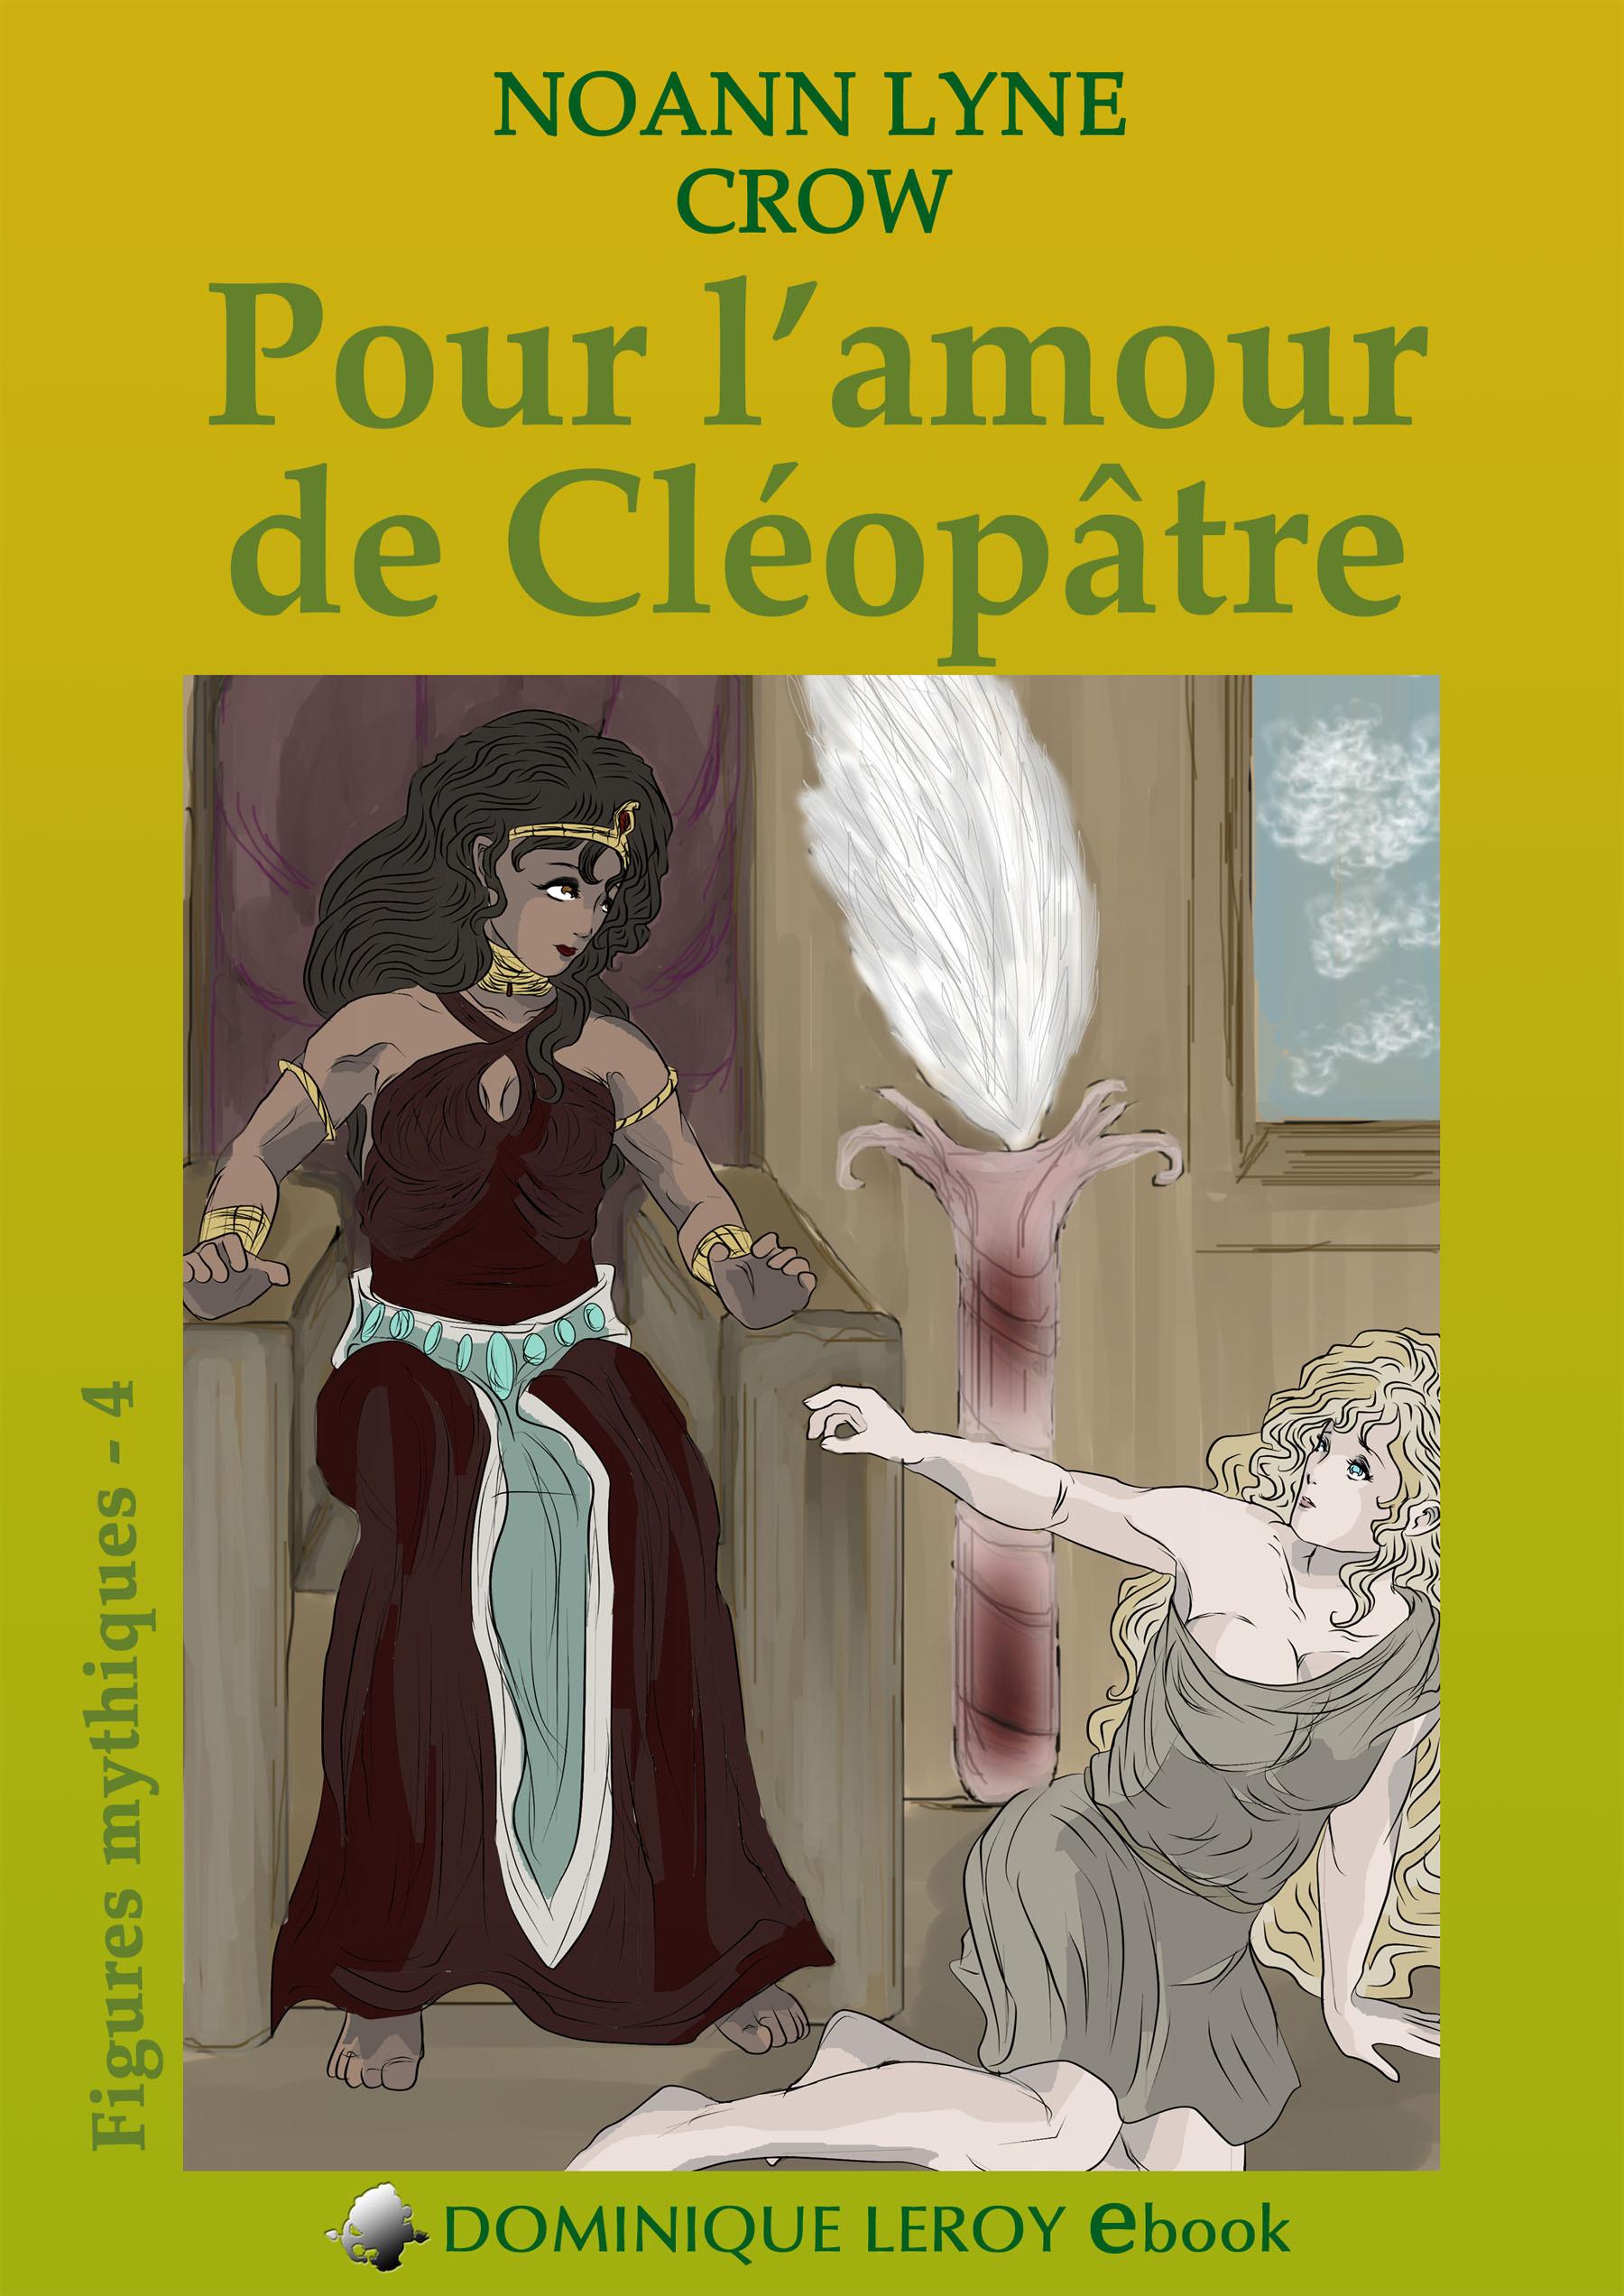 Pour l'amour de Cléopâtre